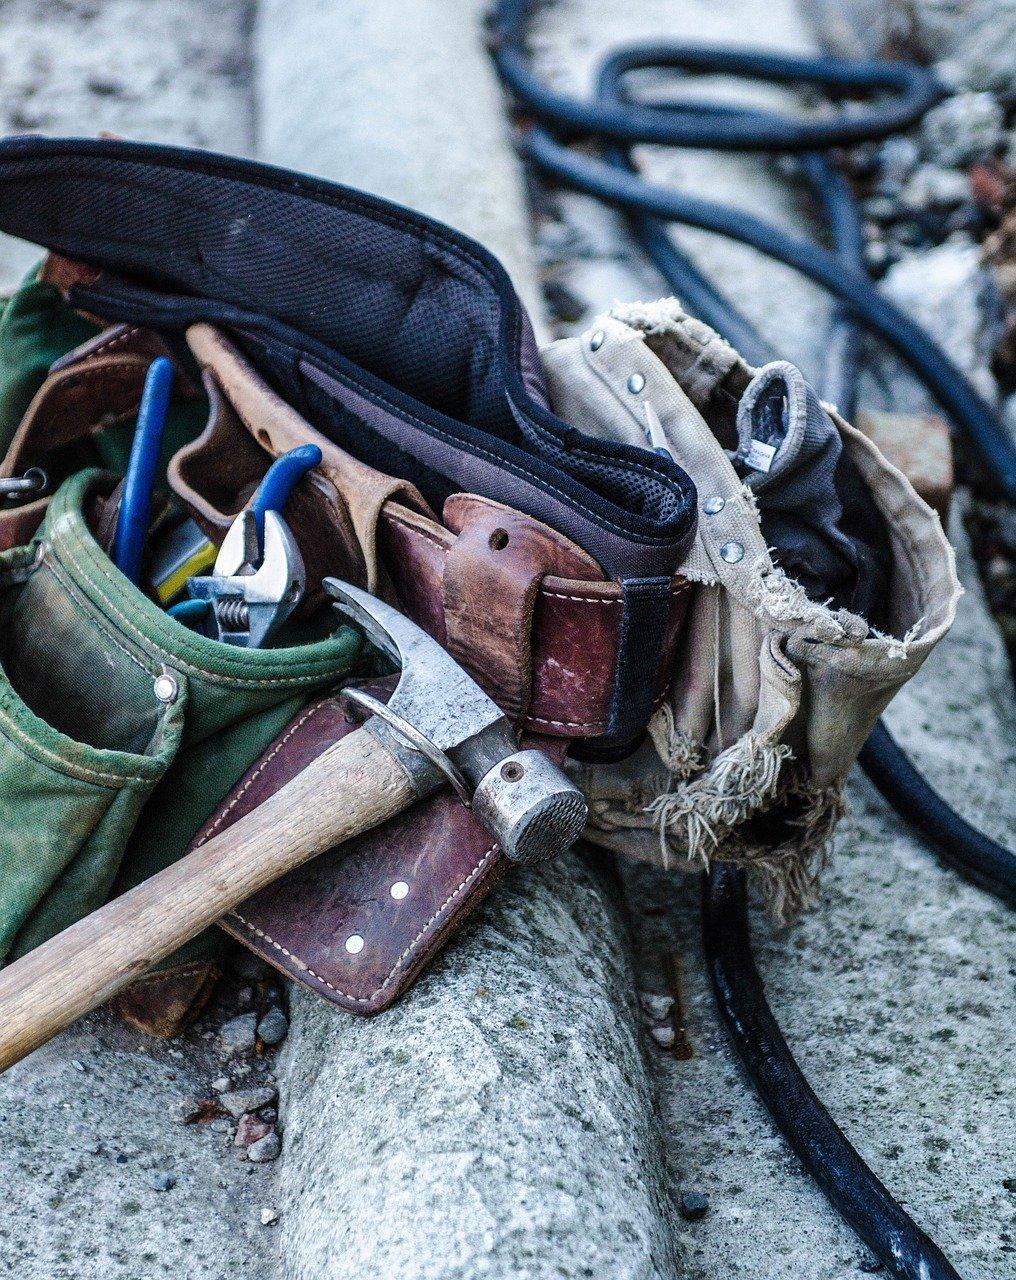 tools, tool belt, belt